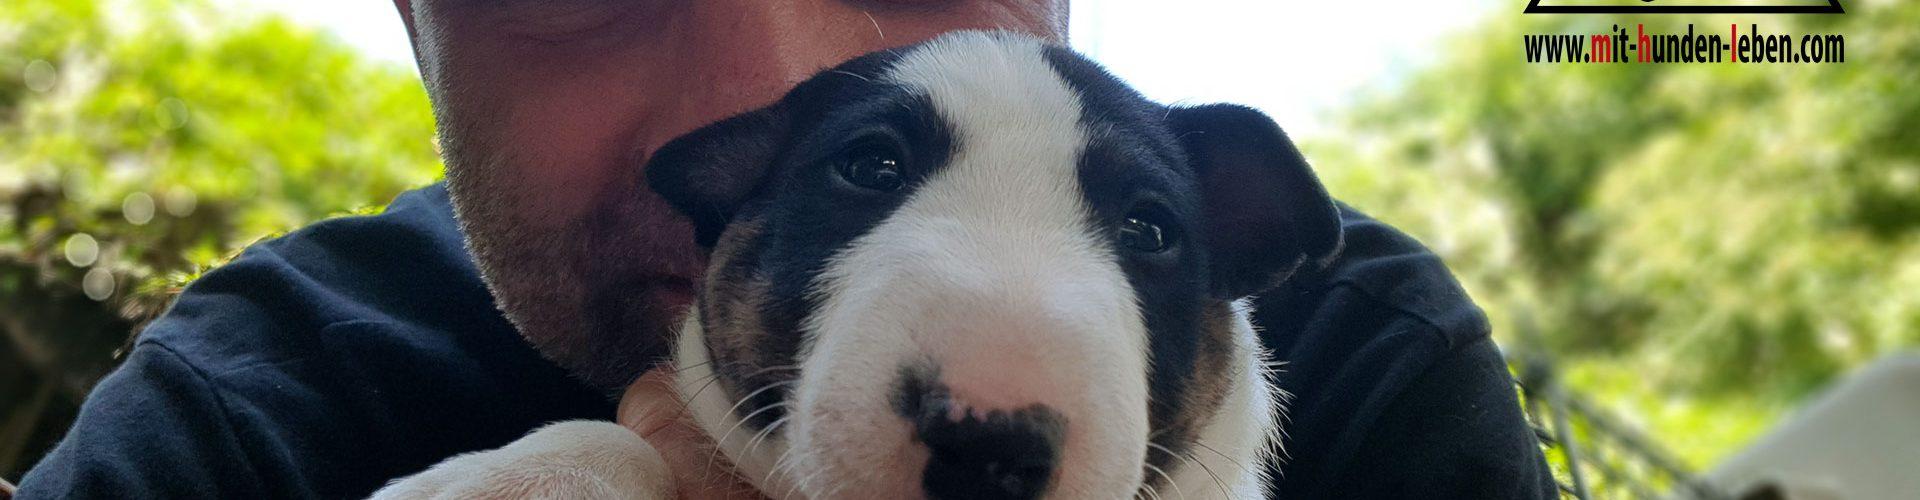 Chili Pepper und Mit Hunden leben - Hundeschule